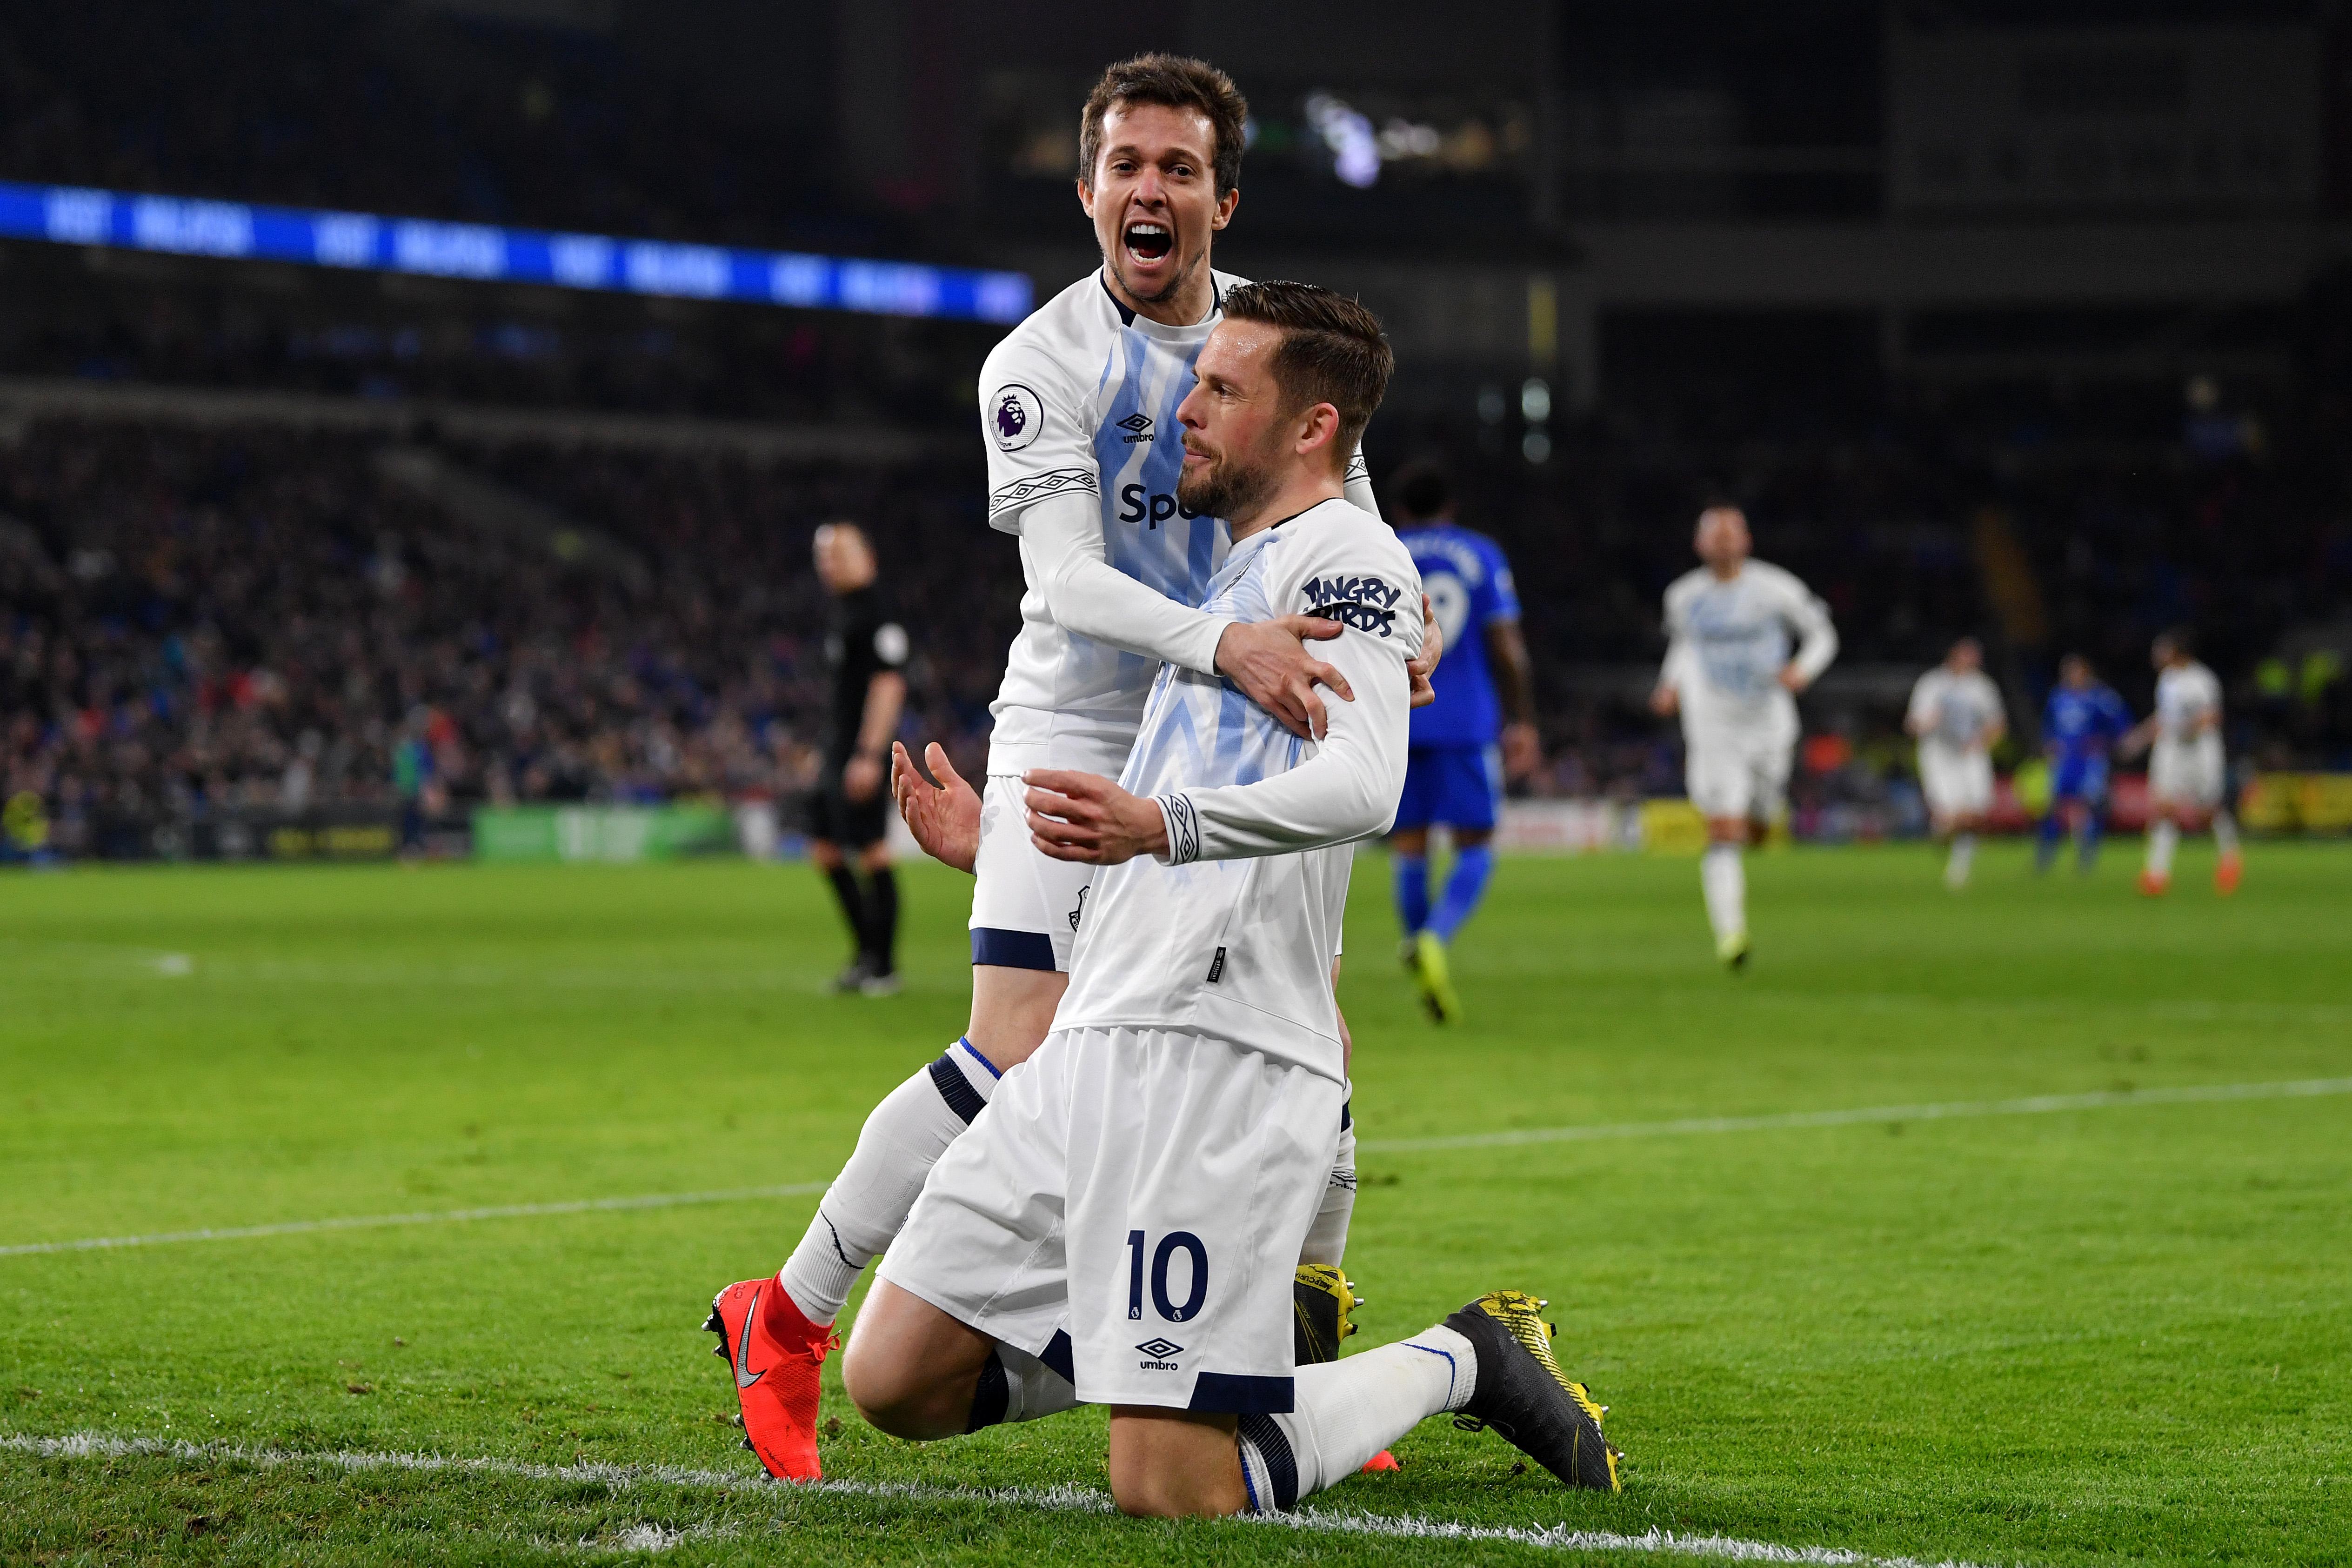 Cardiff City v Everton FC - Premier League